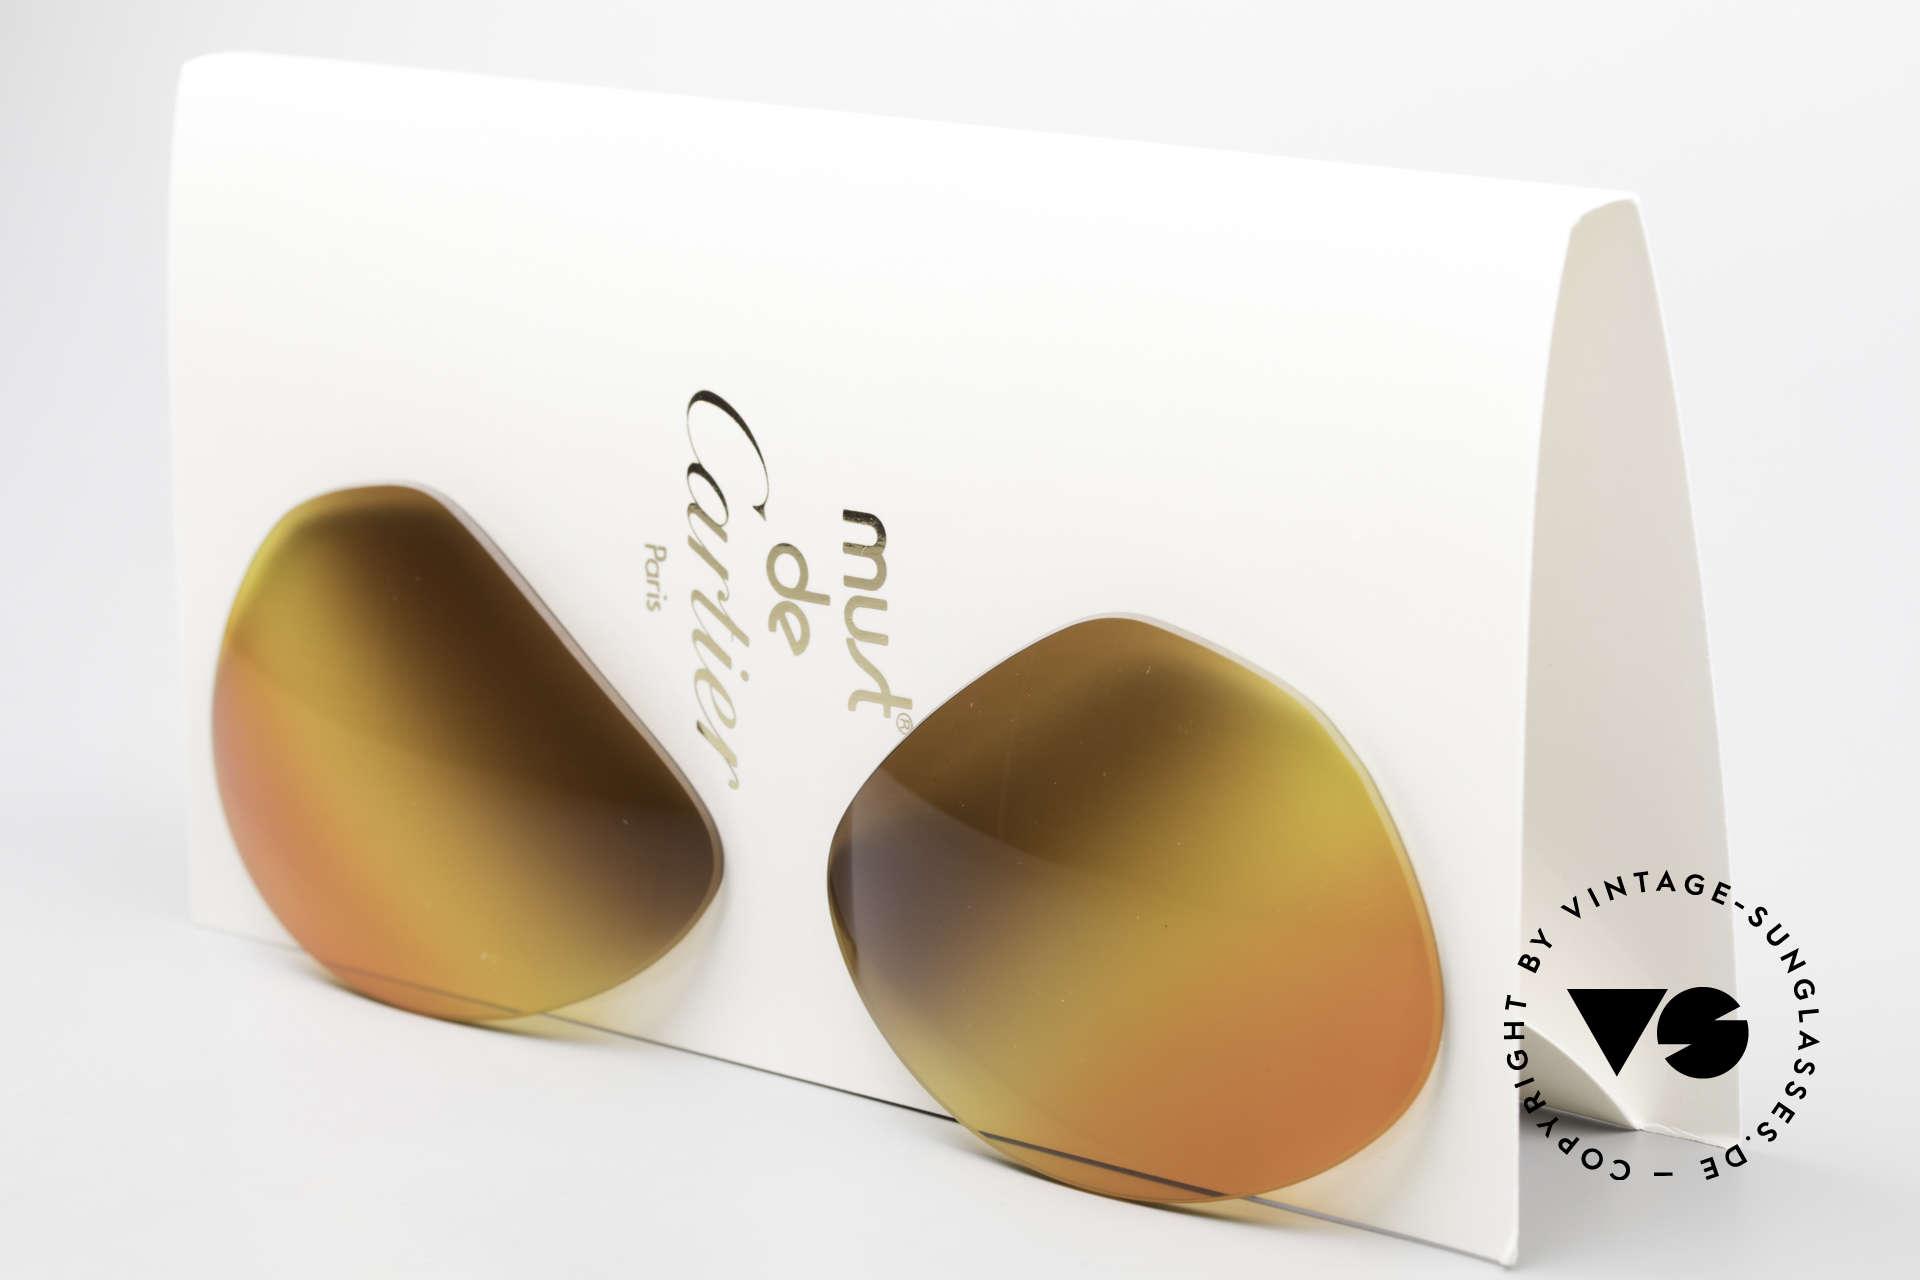 Cartier Vendome Lenses - L Triple Gradient Desert Sun, new CR39 UV400 plastic lenses (for 100% UV protection), Made for Men and Women